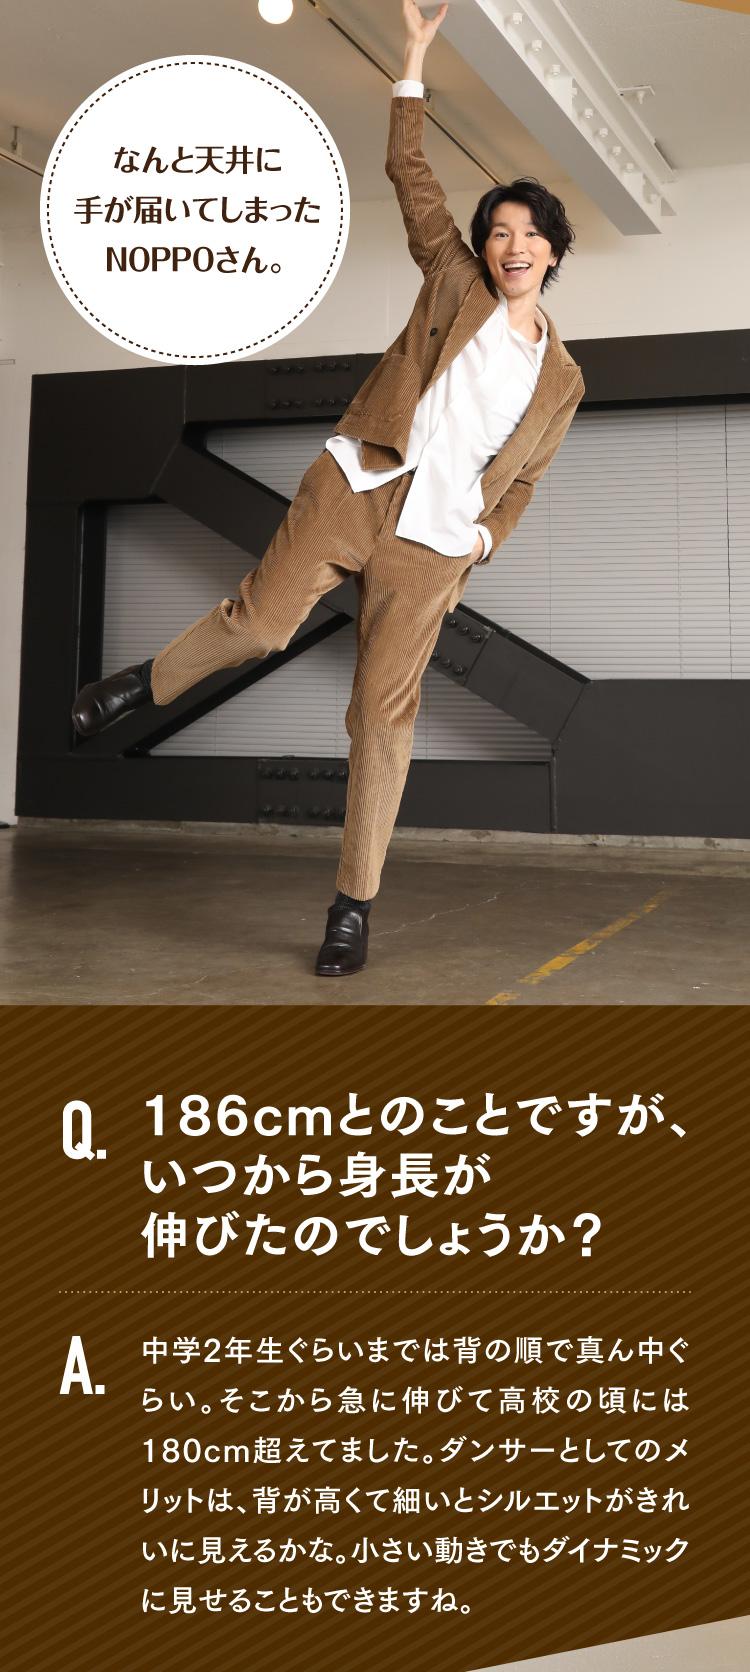 186cmとのことですが、いつから身長が伸びたのでしょうか?